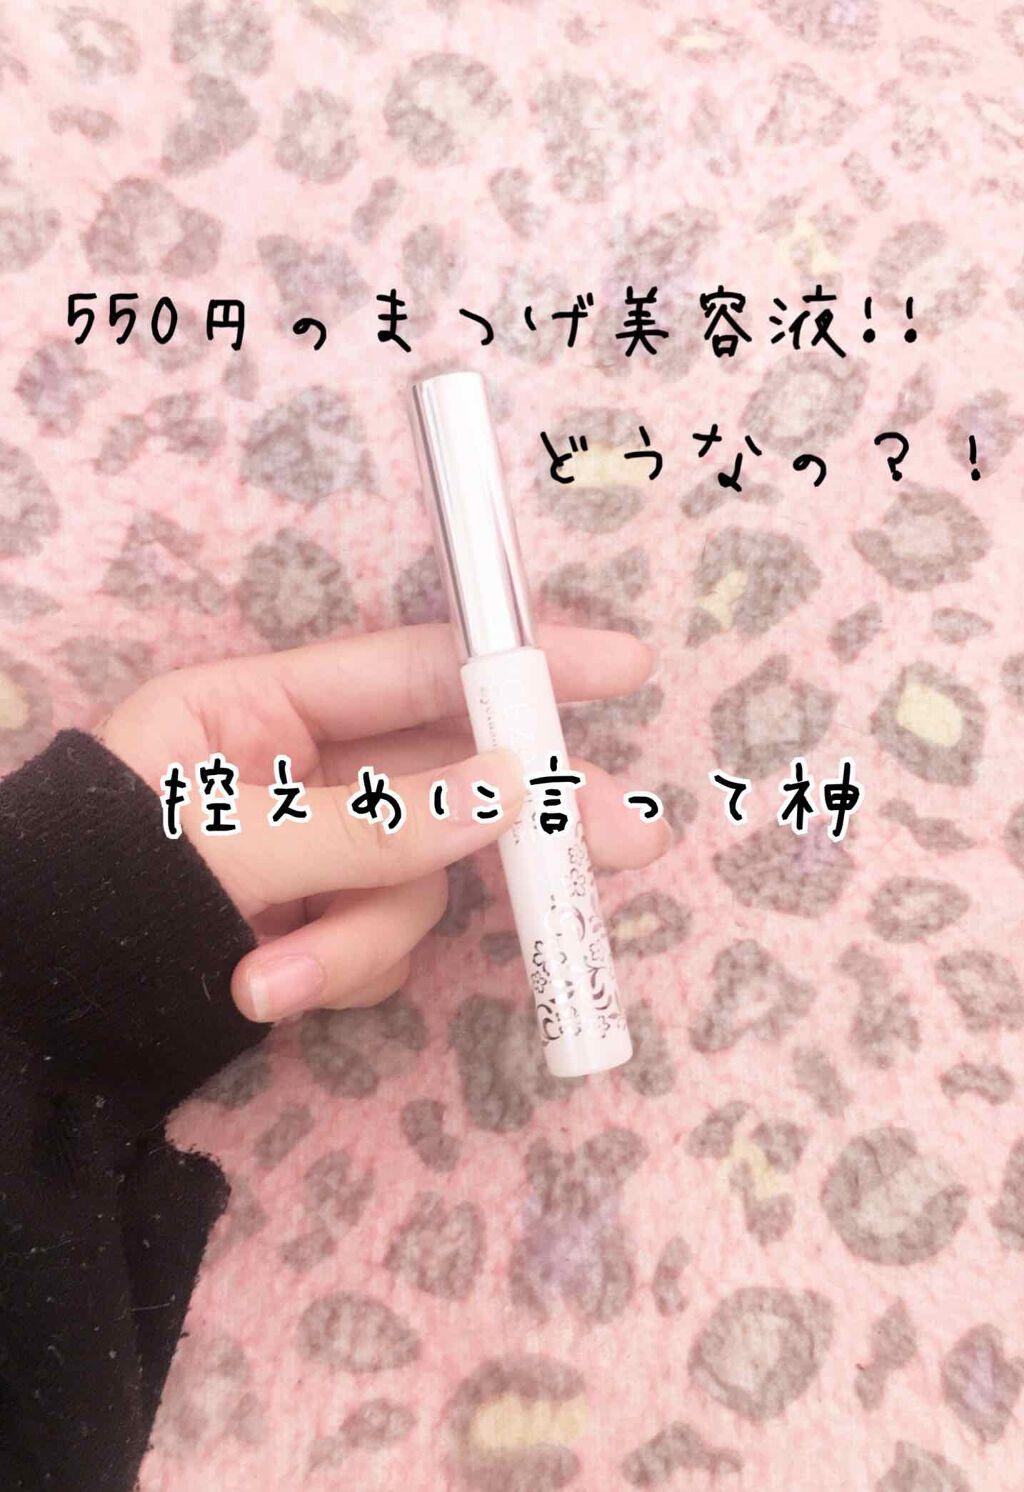 https://cdn.lipscosme.com/image/c6f6c8572026e508d28a7594-1585463942-thumb.png